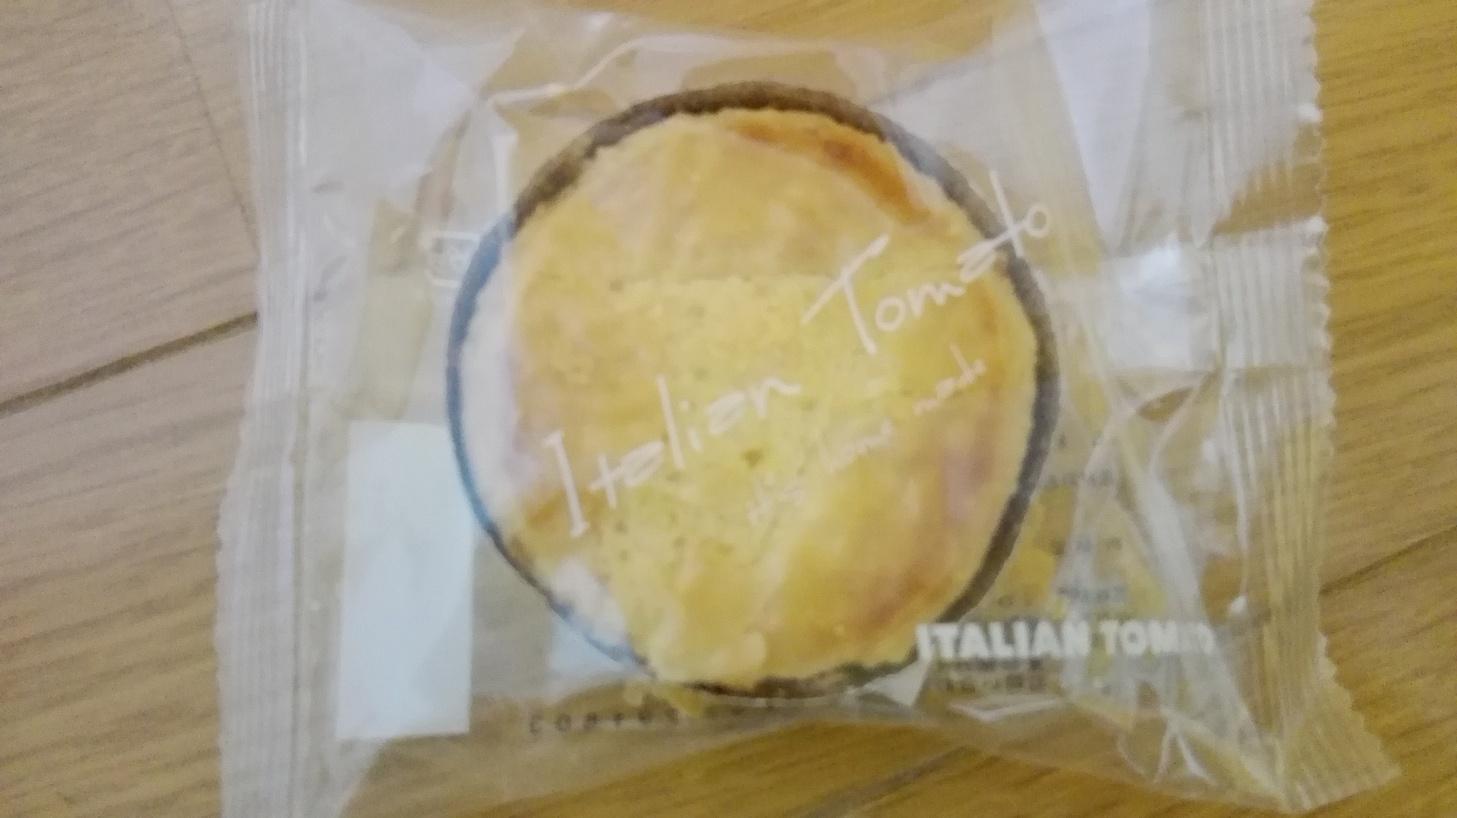 イタリアントマトカフェJr. アルプラザ鹿島店